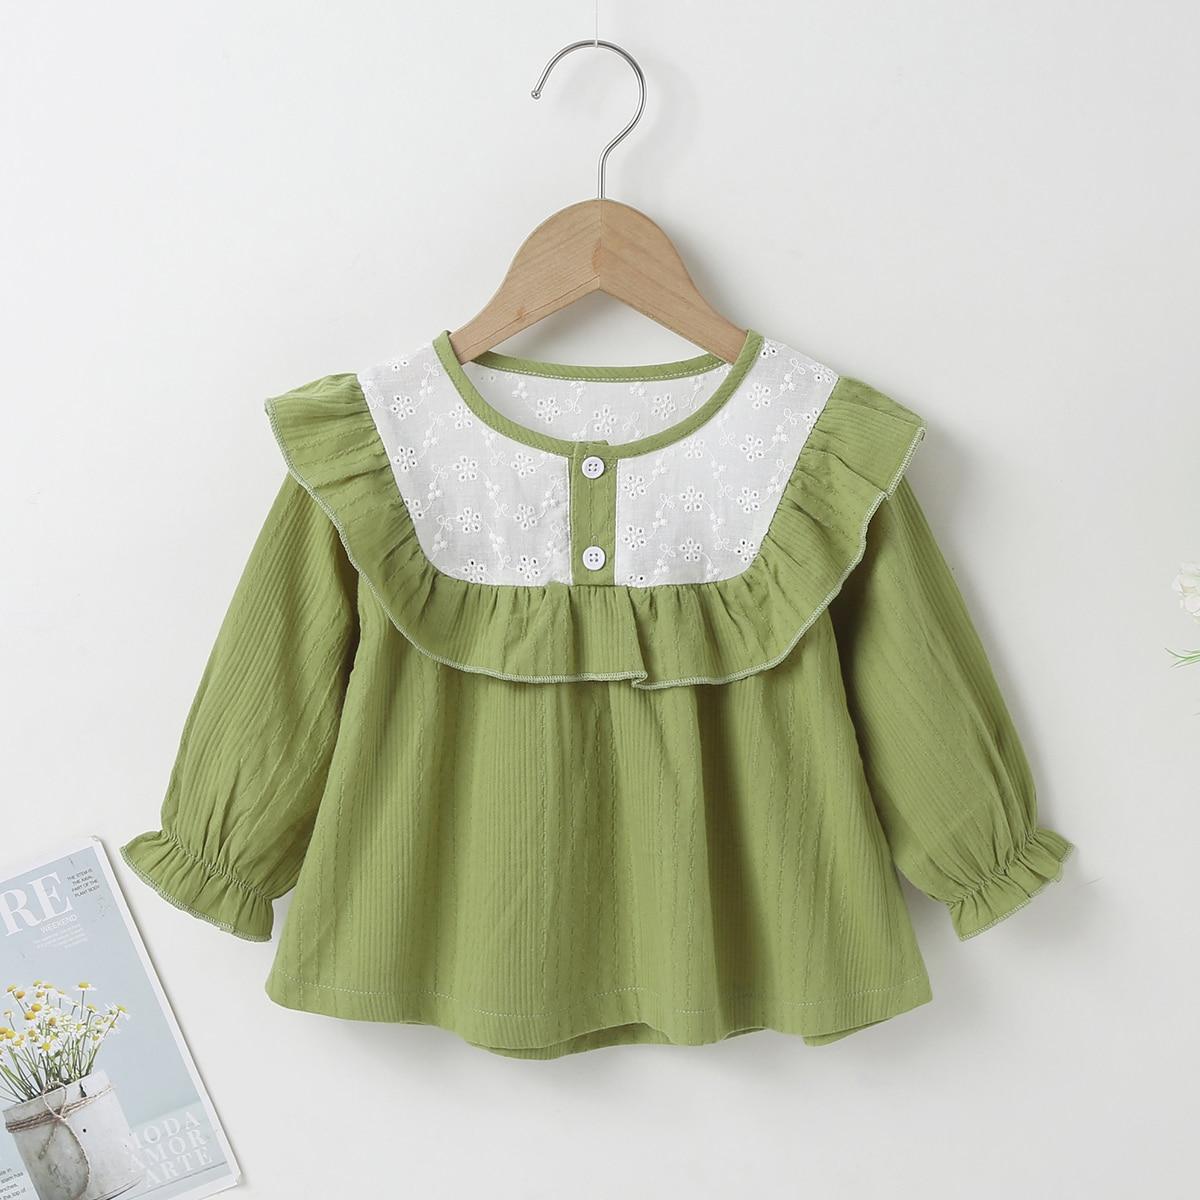 для девочек Блуза пуговица с оборками с рукавами-воланами SheIn sktop25210531546